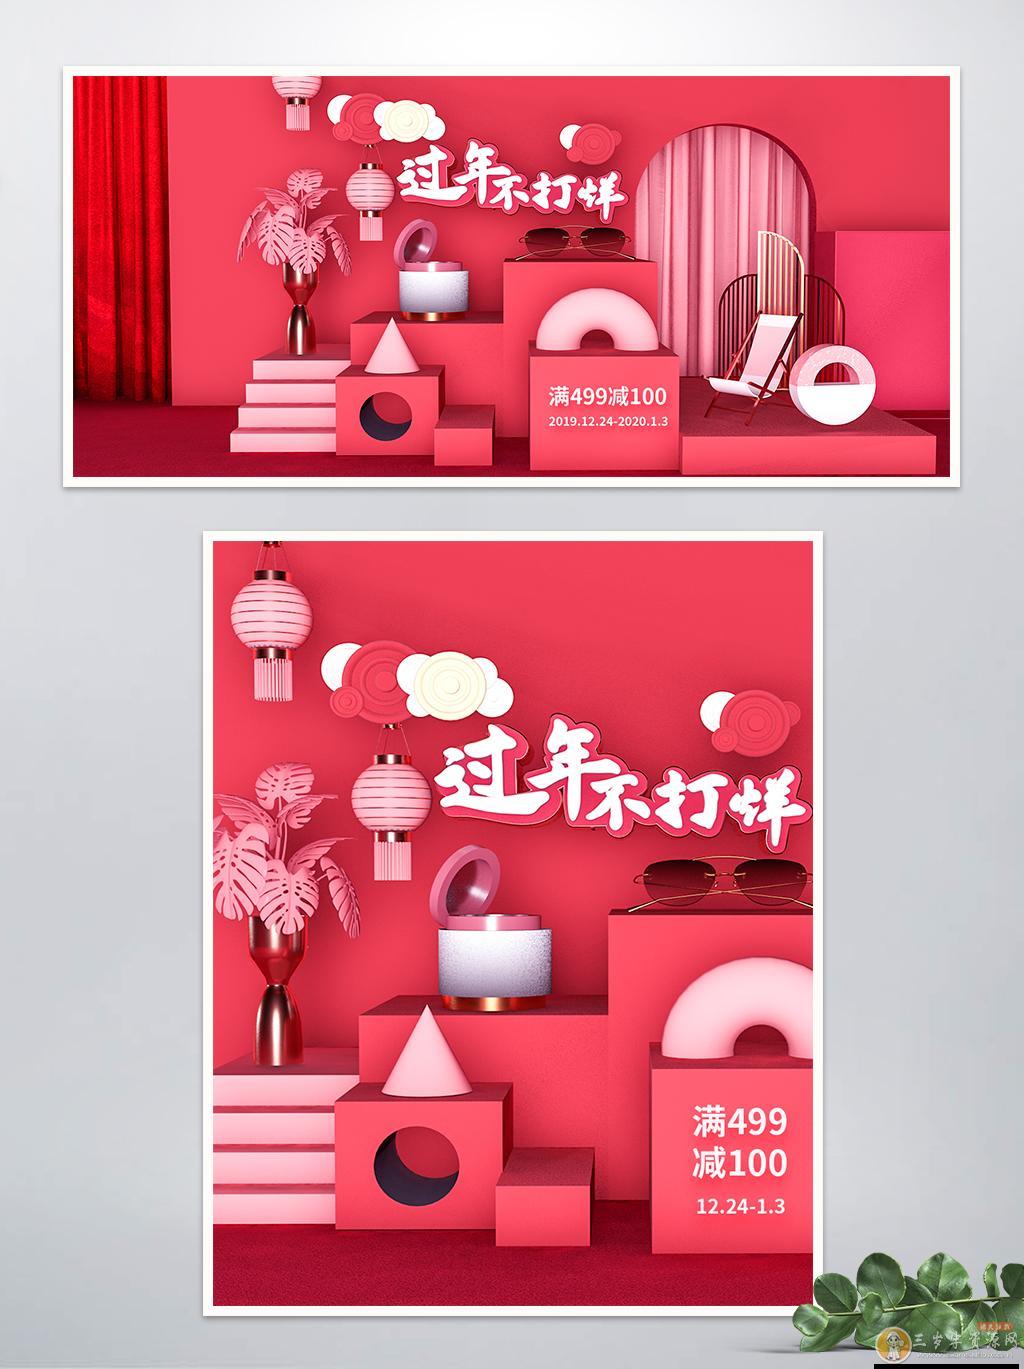 红色喜庆C4D立体风展示过年不打烊促销海报